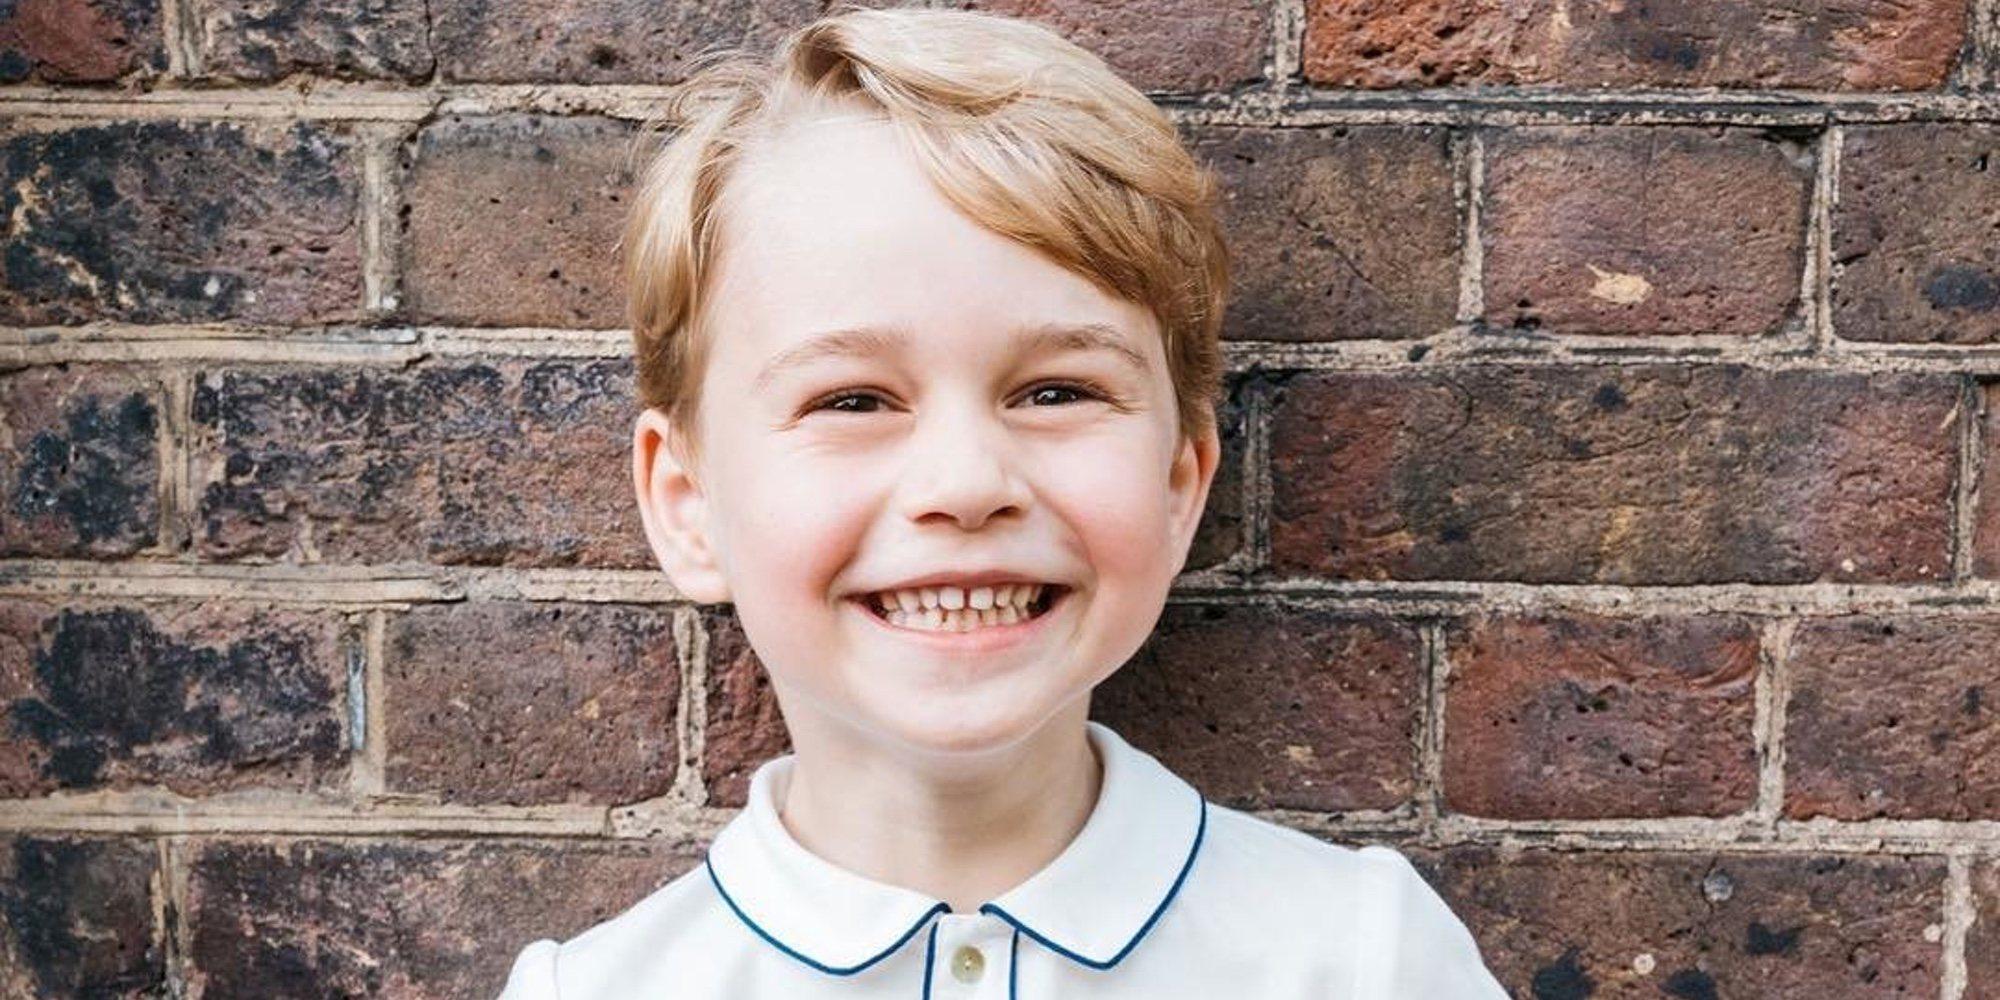 El Príncipe Jorge celebrará su sexto cumpleaños en un sitio muy especial